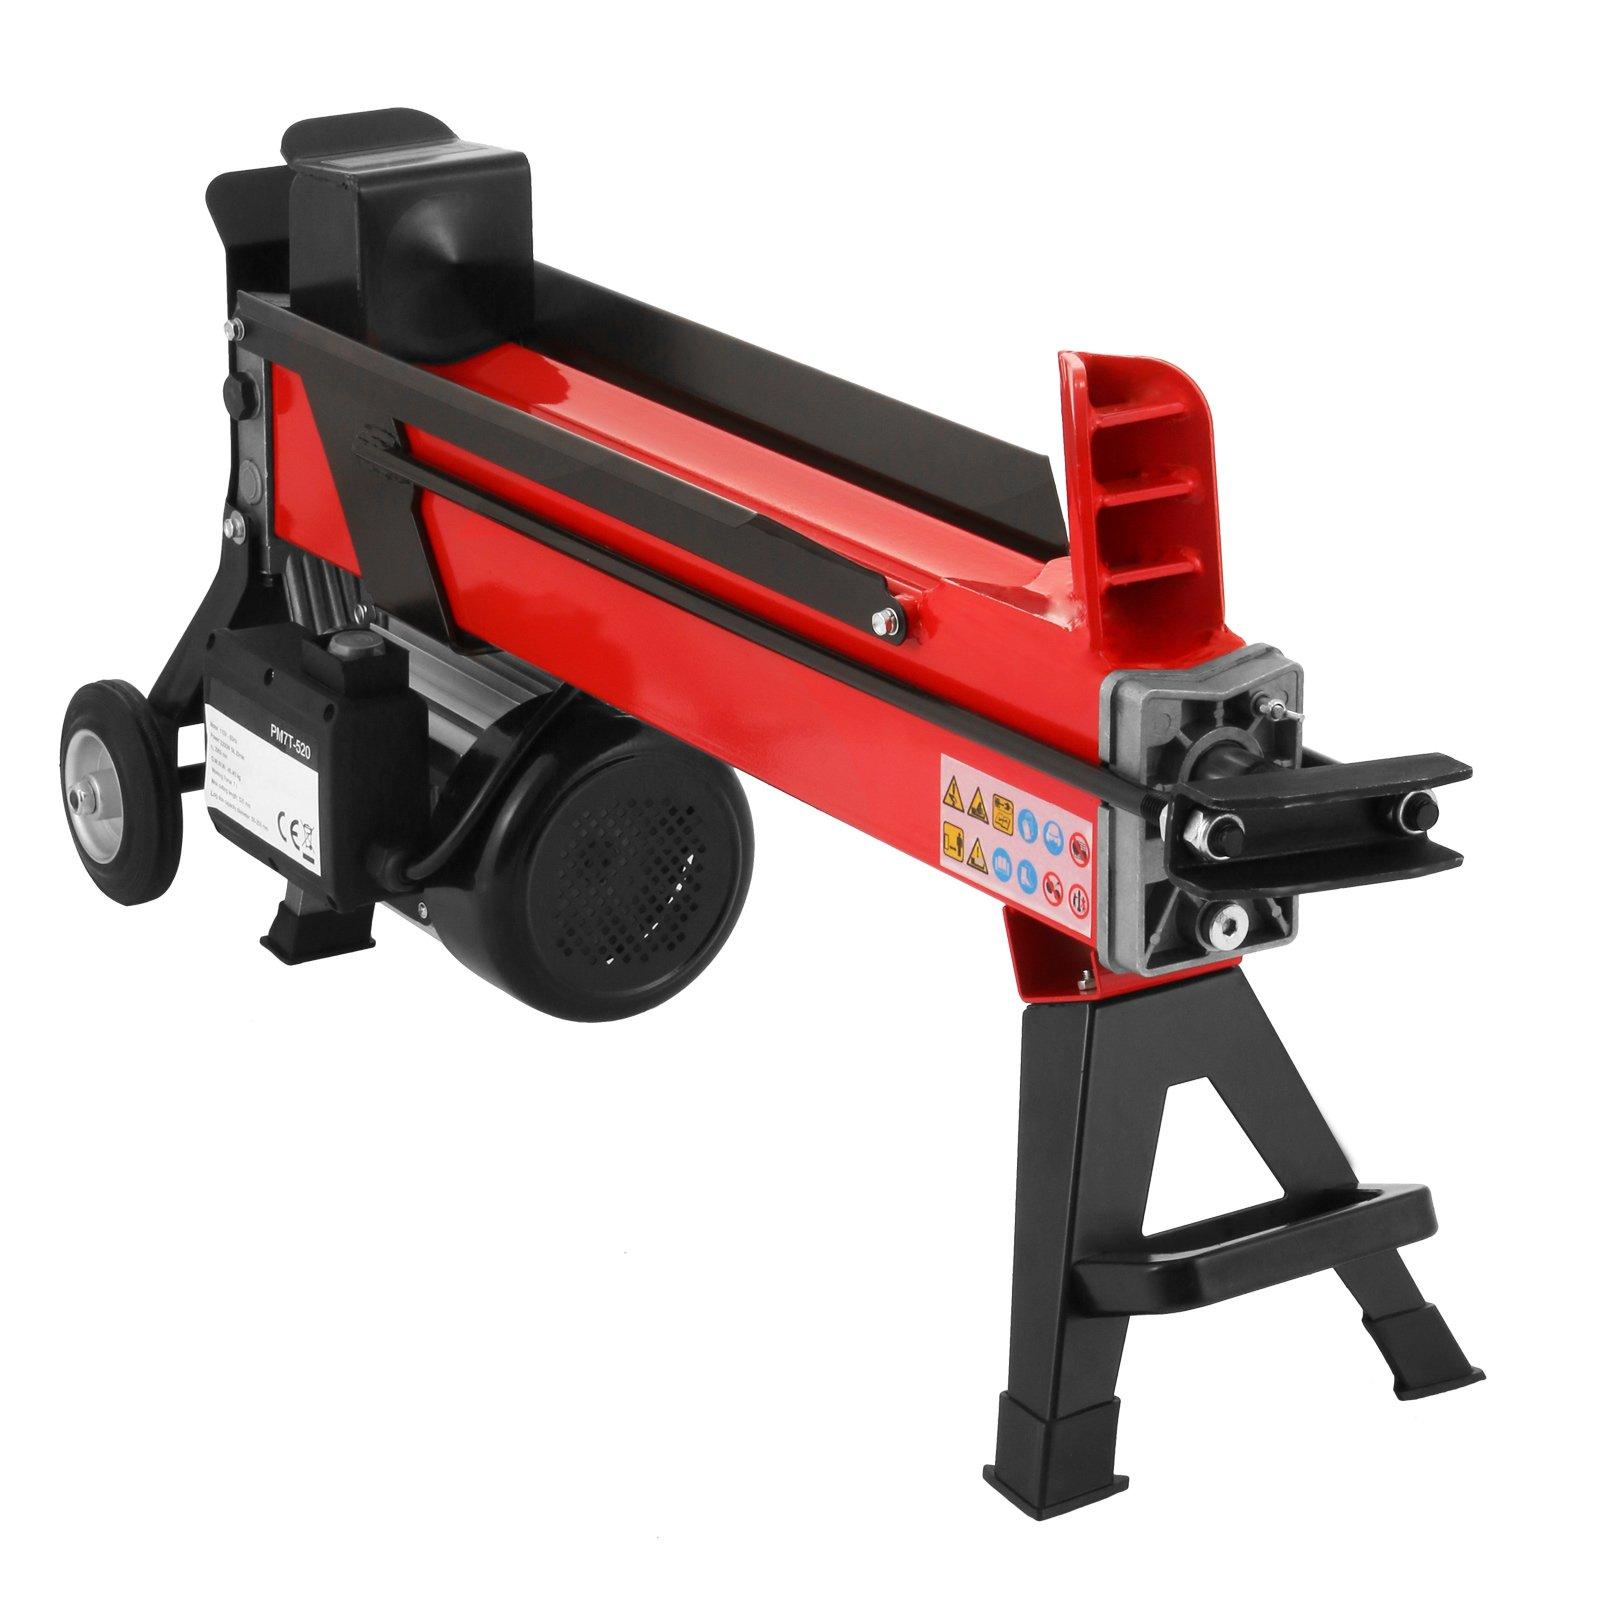 OrangeA Log Splitter 7 Ton 3400RPM Electric Log Splitter with 7'' Wheels Hydraulic Wood Splitter Can Split Wood Easily (7 Ton)